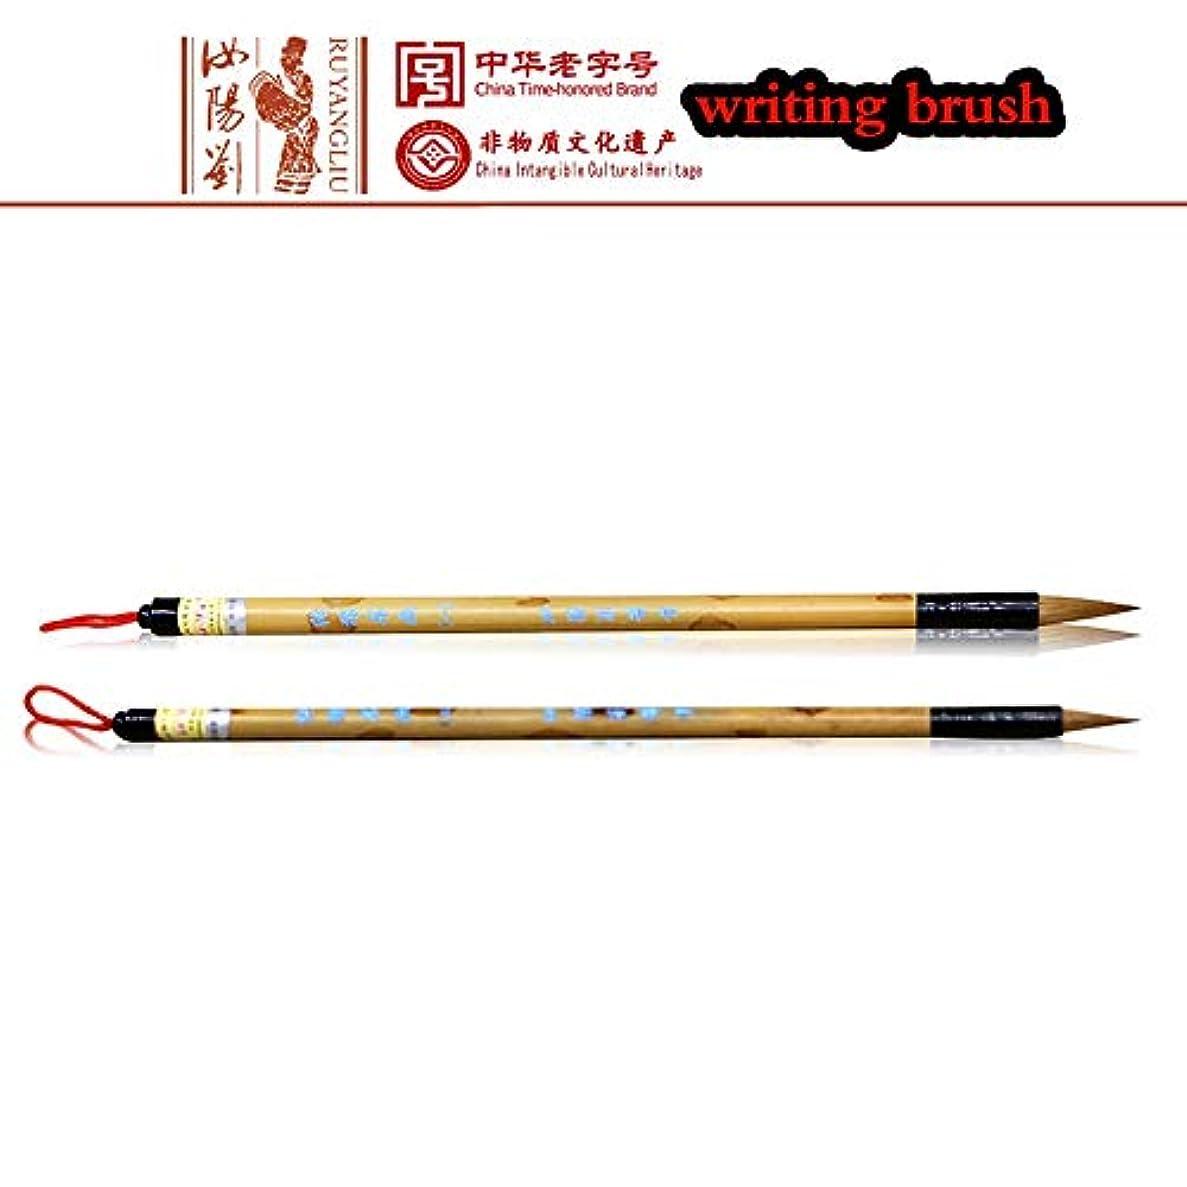 モーション月曜日まつげ筆水彩中国の書道ブラシ純粋なオオカミの毛のブラシプロの小さな通常のスクリプト/スクリプト/筆記体を実行する(2 / PC)